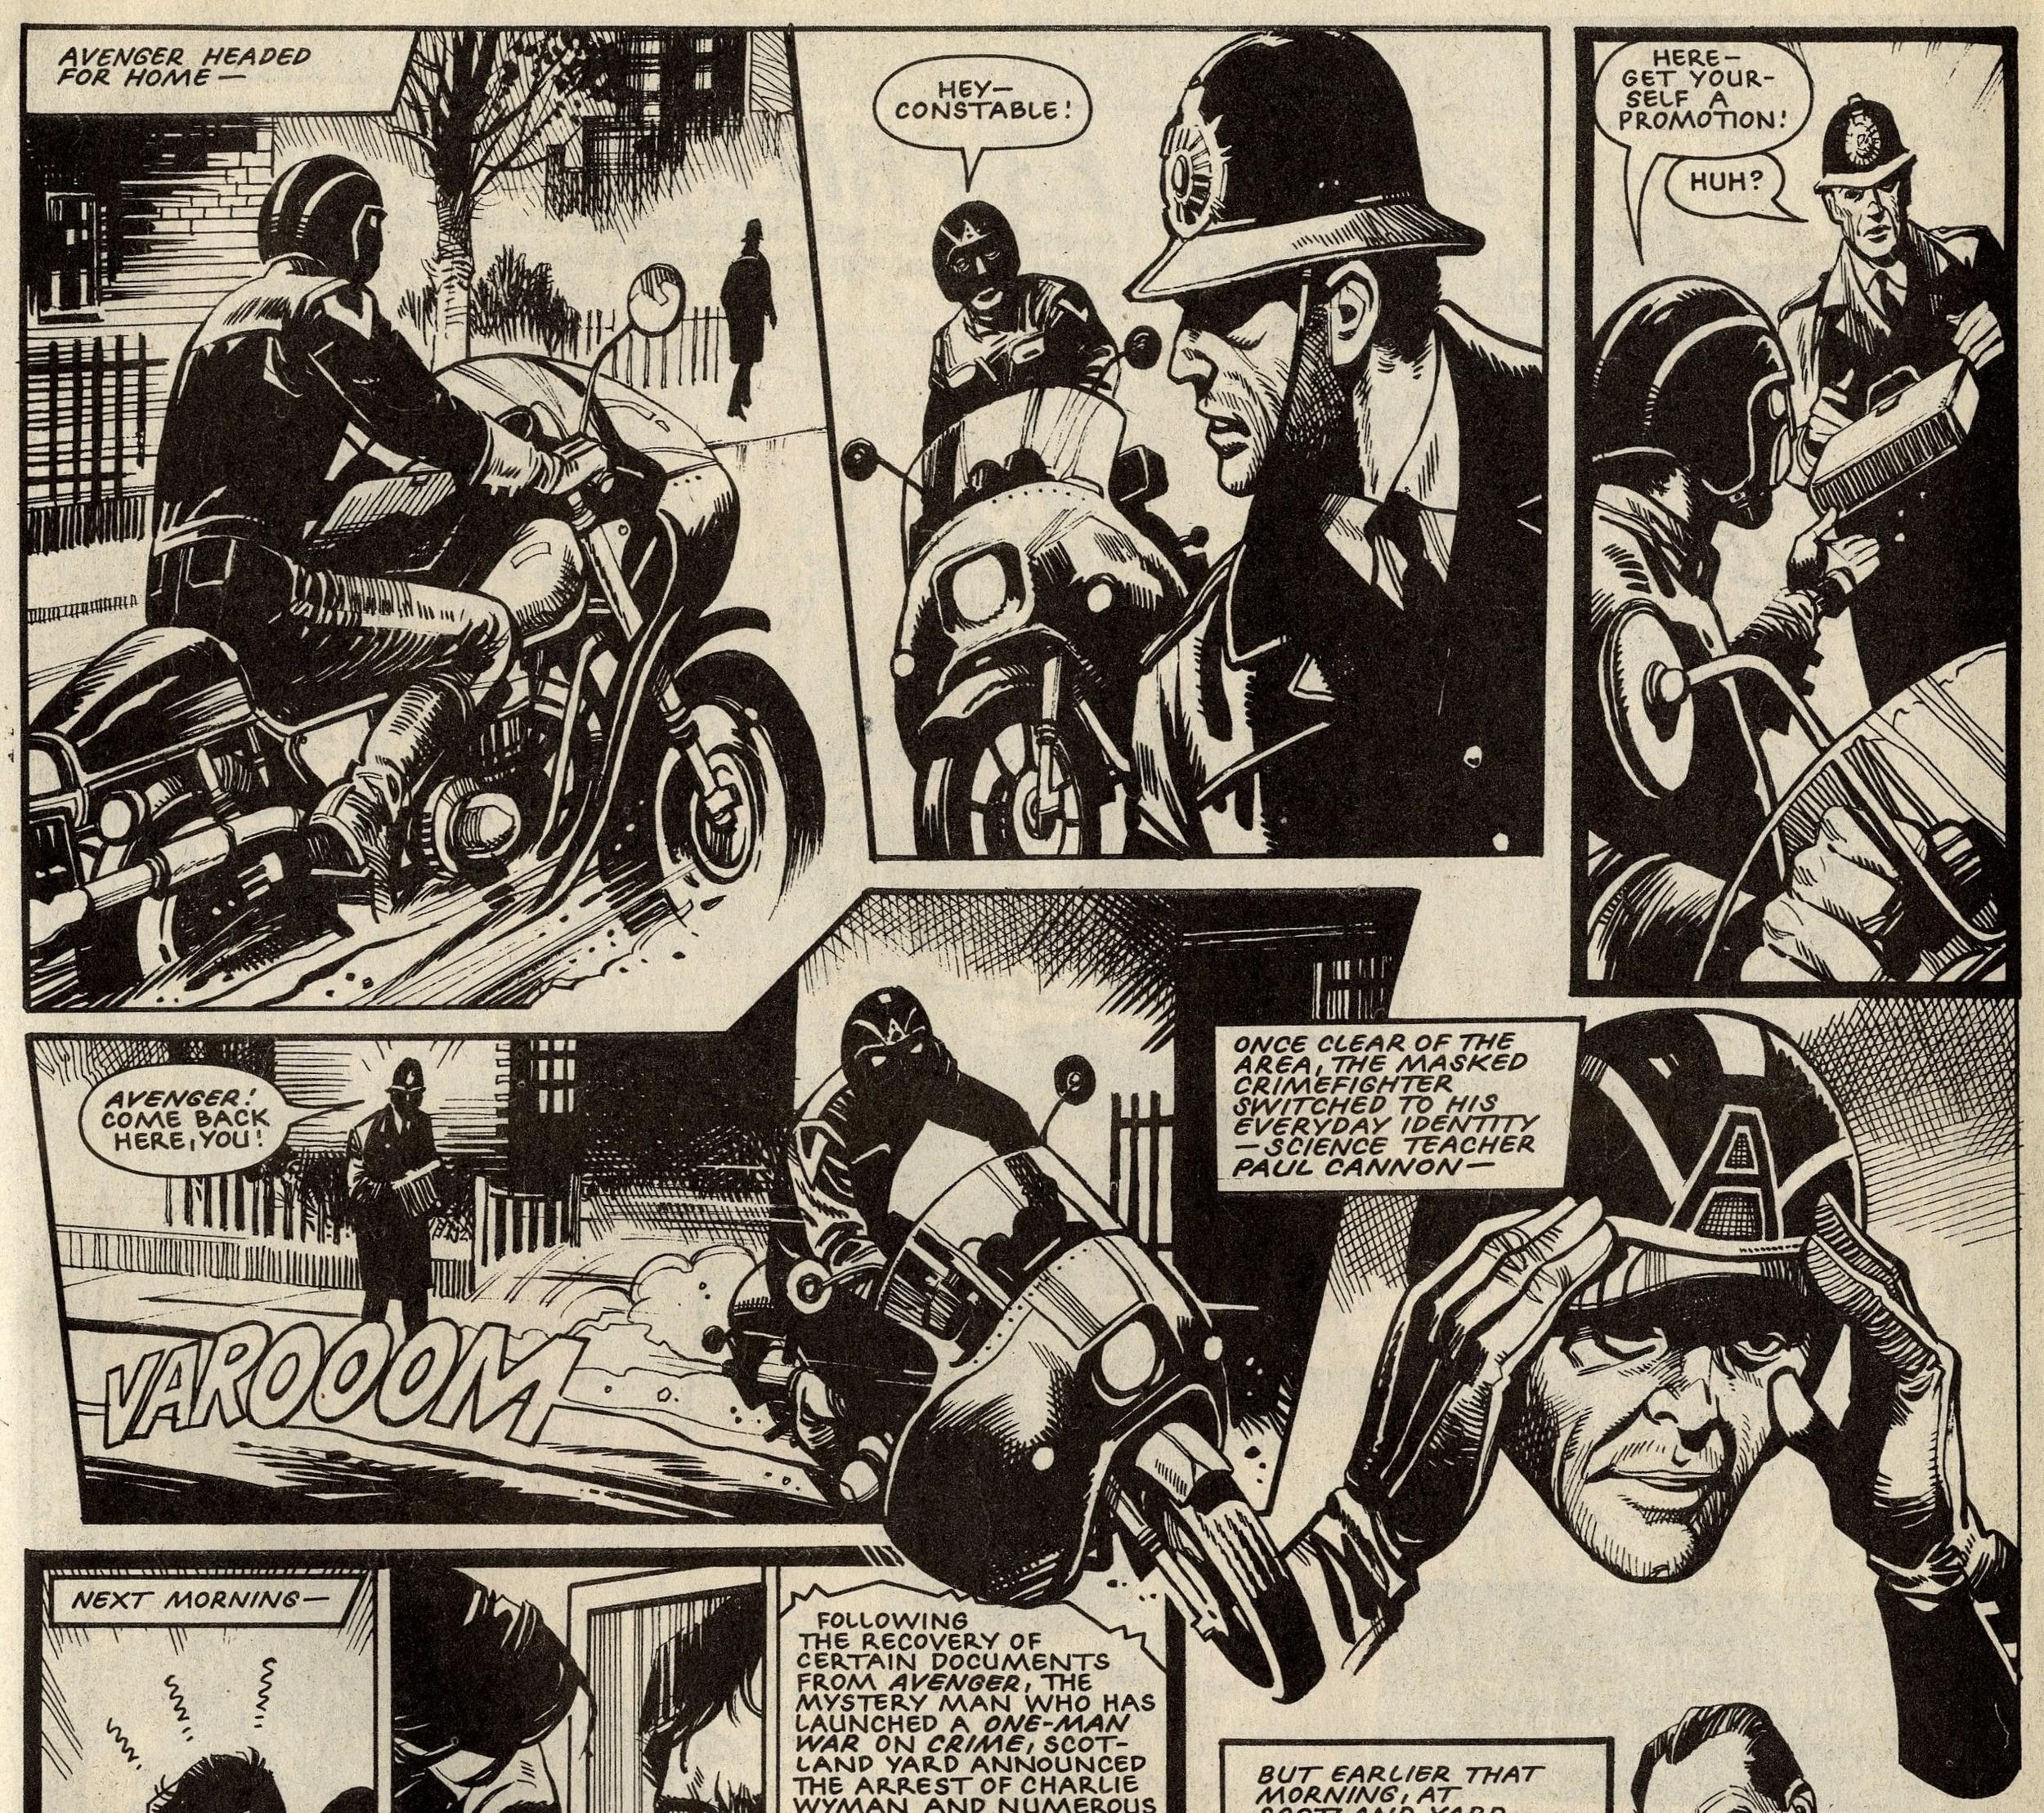 Avenger: John Wagner and Alan Grant (writer), Mike Western (artist)